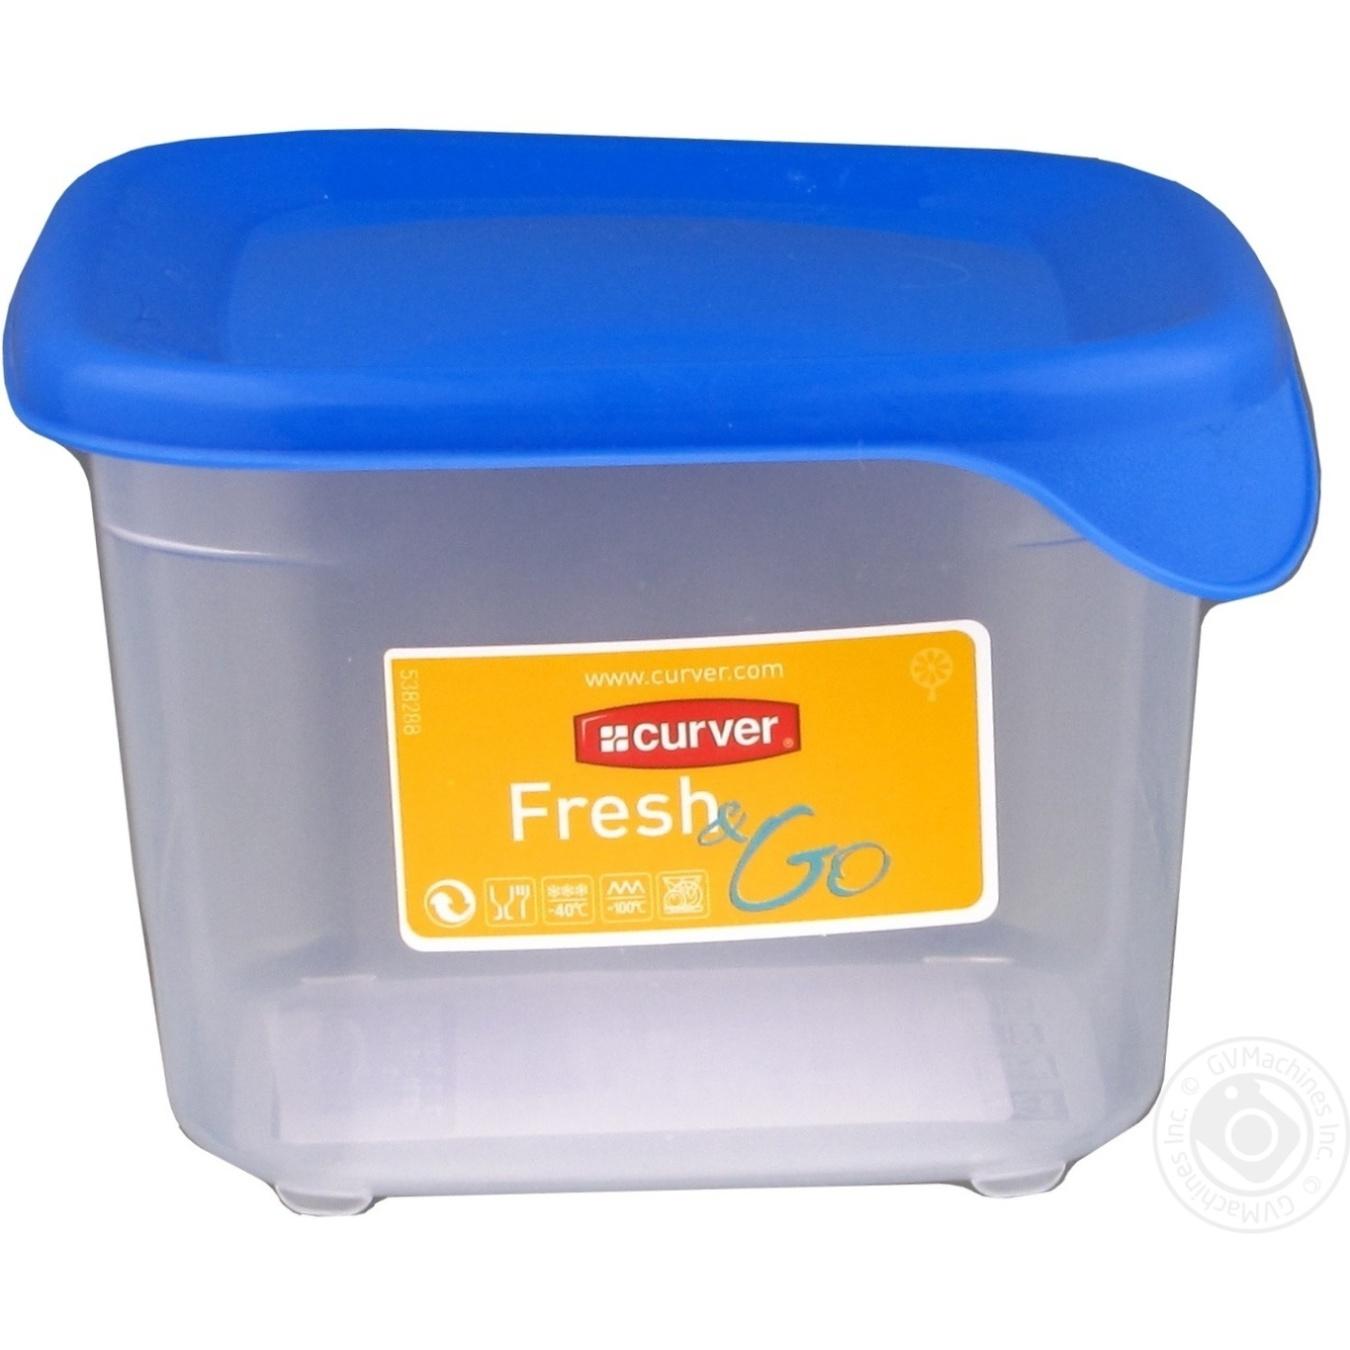 Food storage box Curver Private import for freezer 450ml Poland  sc 1 st  Zakaz.ua & Food storage box Curver Private import for freezer 450ml Poland ...